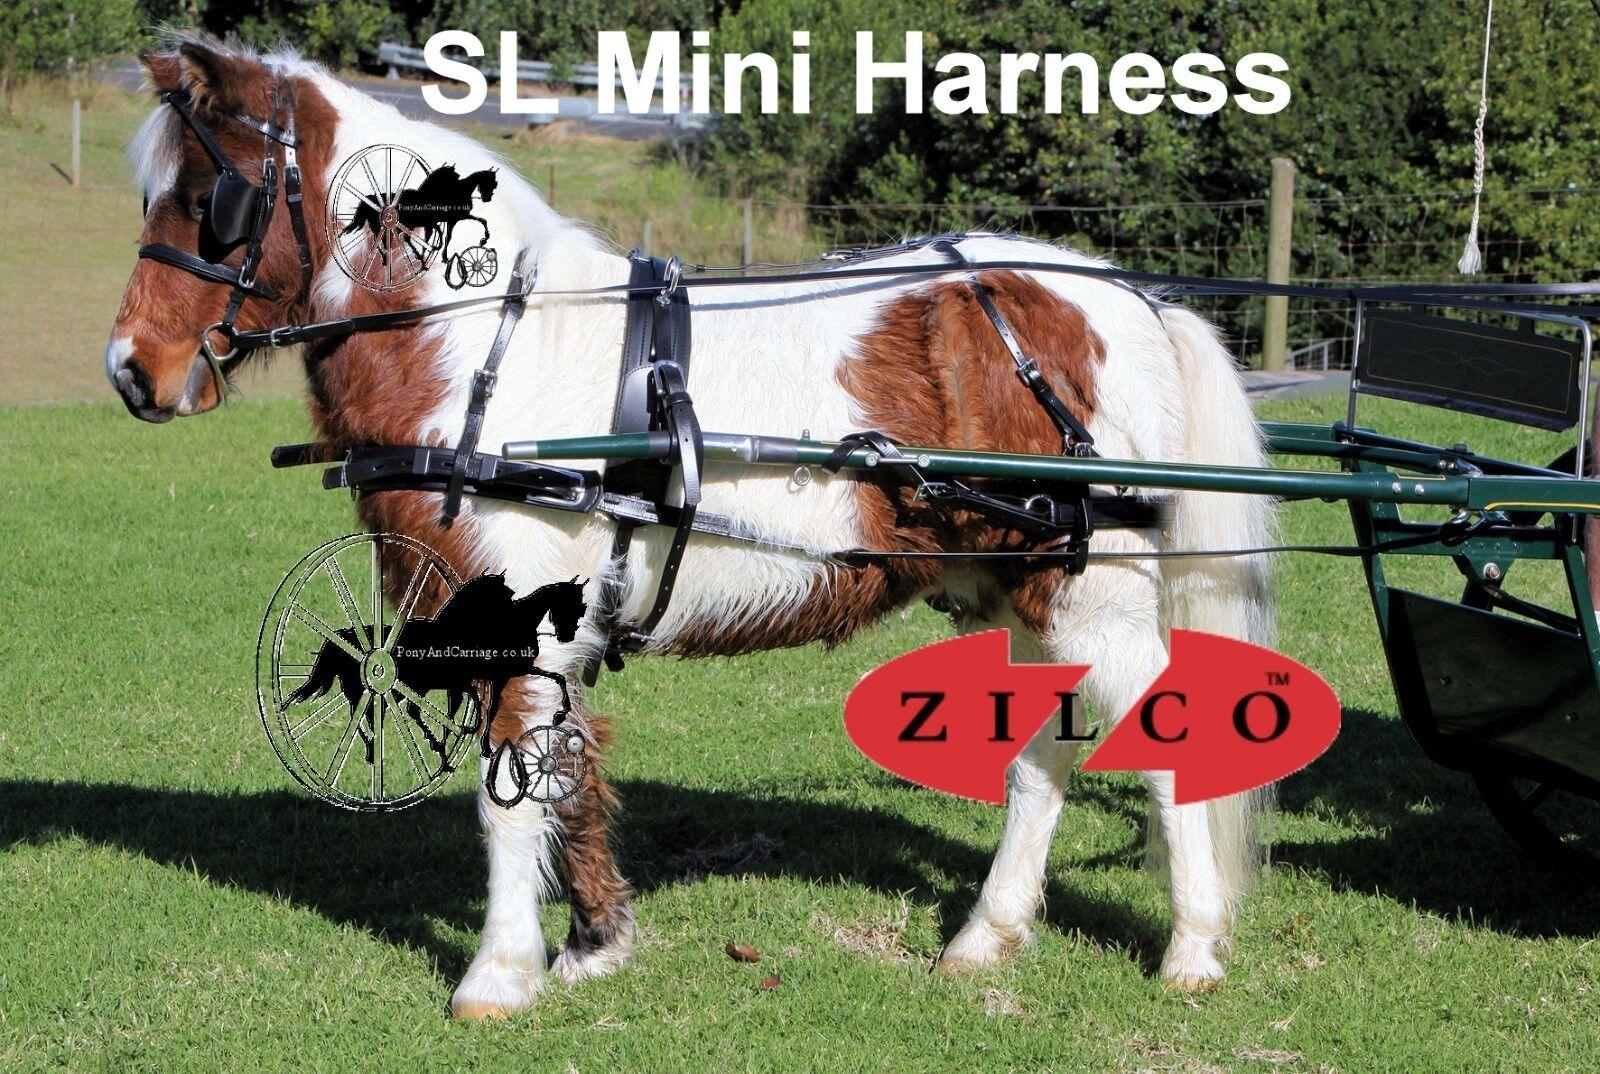 Zilco Arnés De Caballo Mini Cochero De Conducción Zilco SL Mini